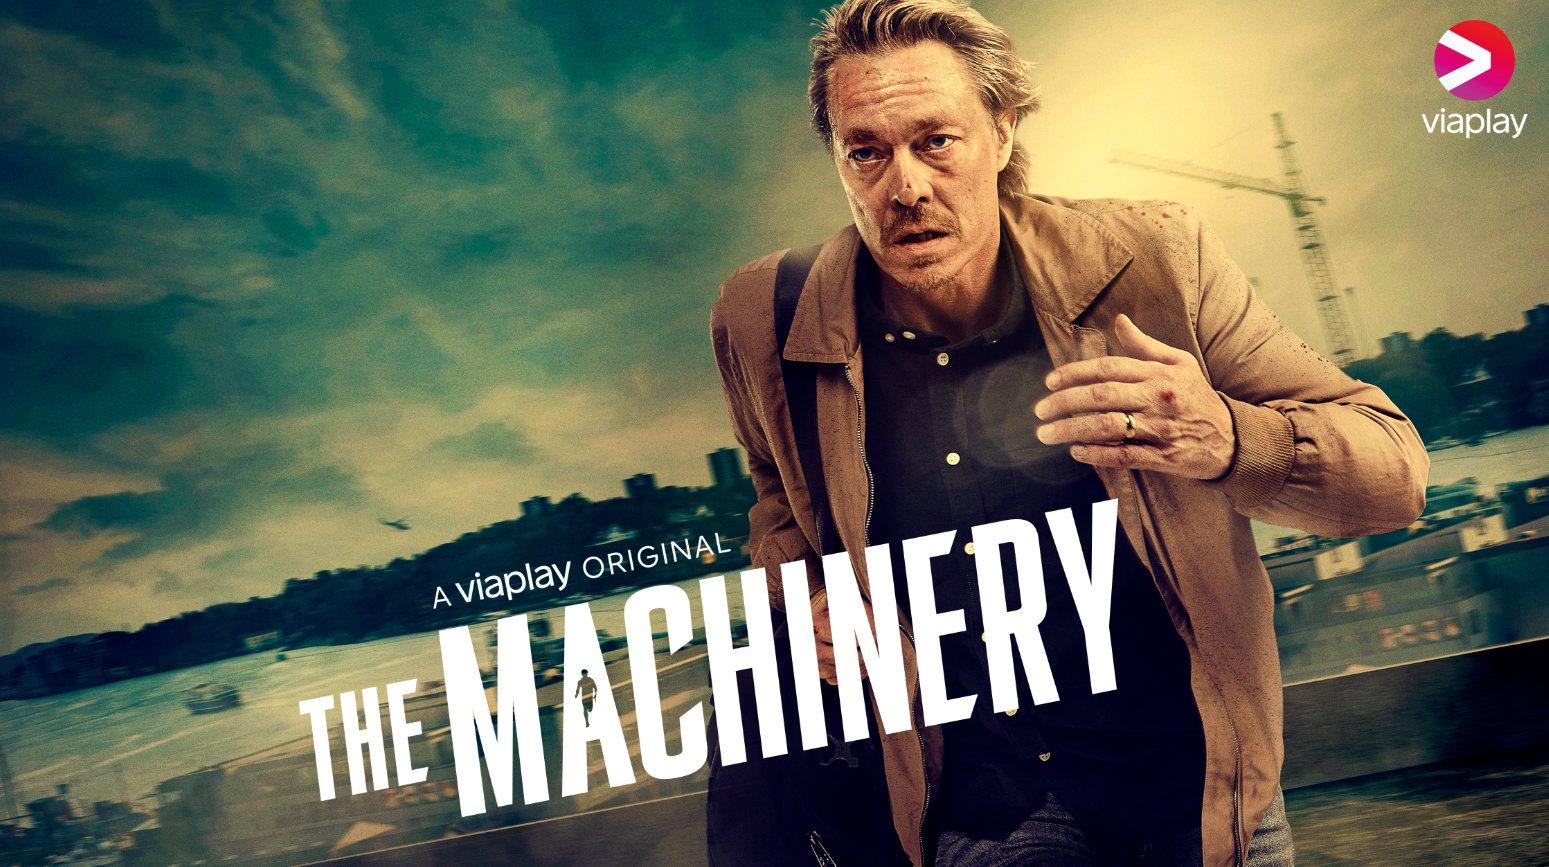 machinery viaplay